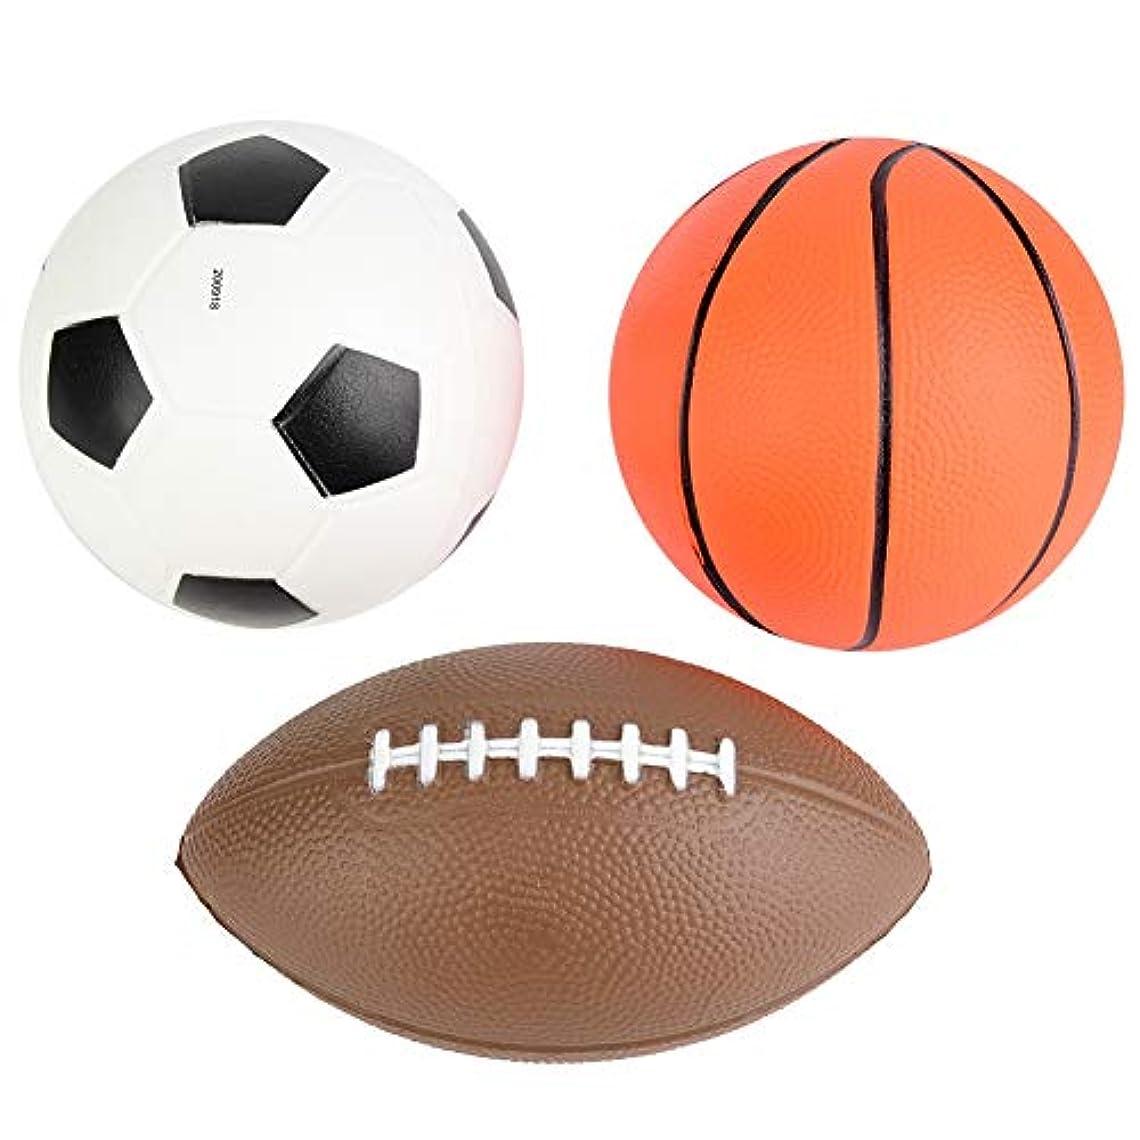 タヒチ集中好奇心ボールセットおもちゃ、アウトドアスポーツサッカーバスケットボールボールセットキッズおもちゃポータブルボール子供